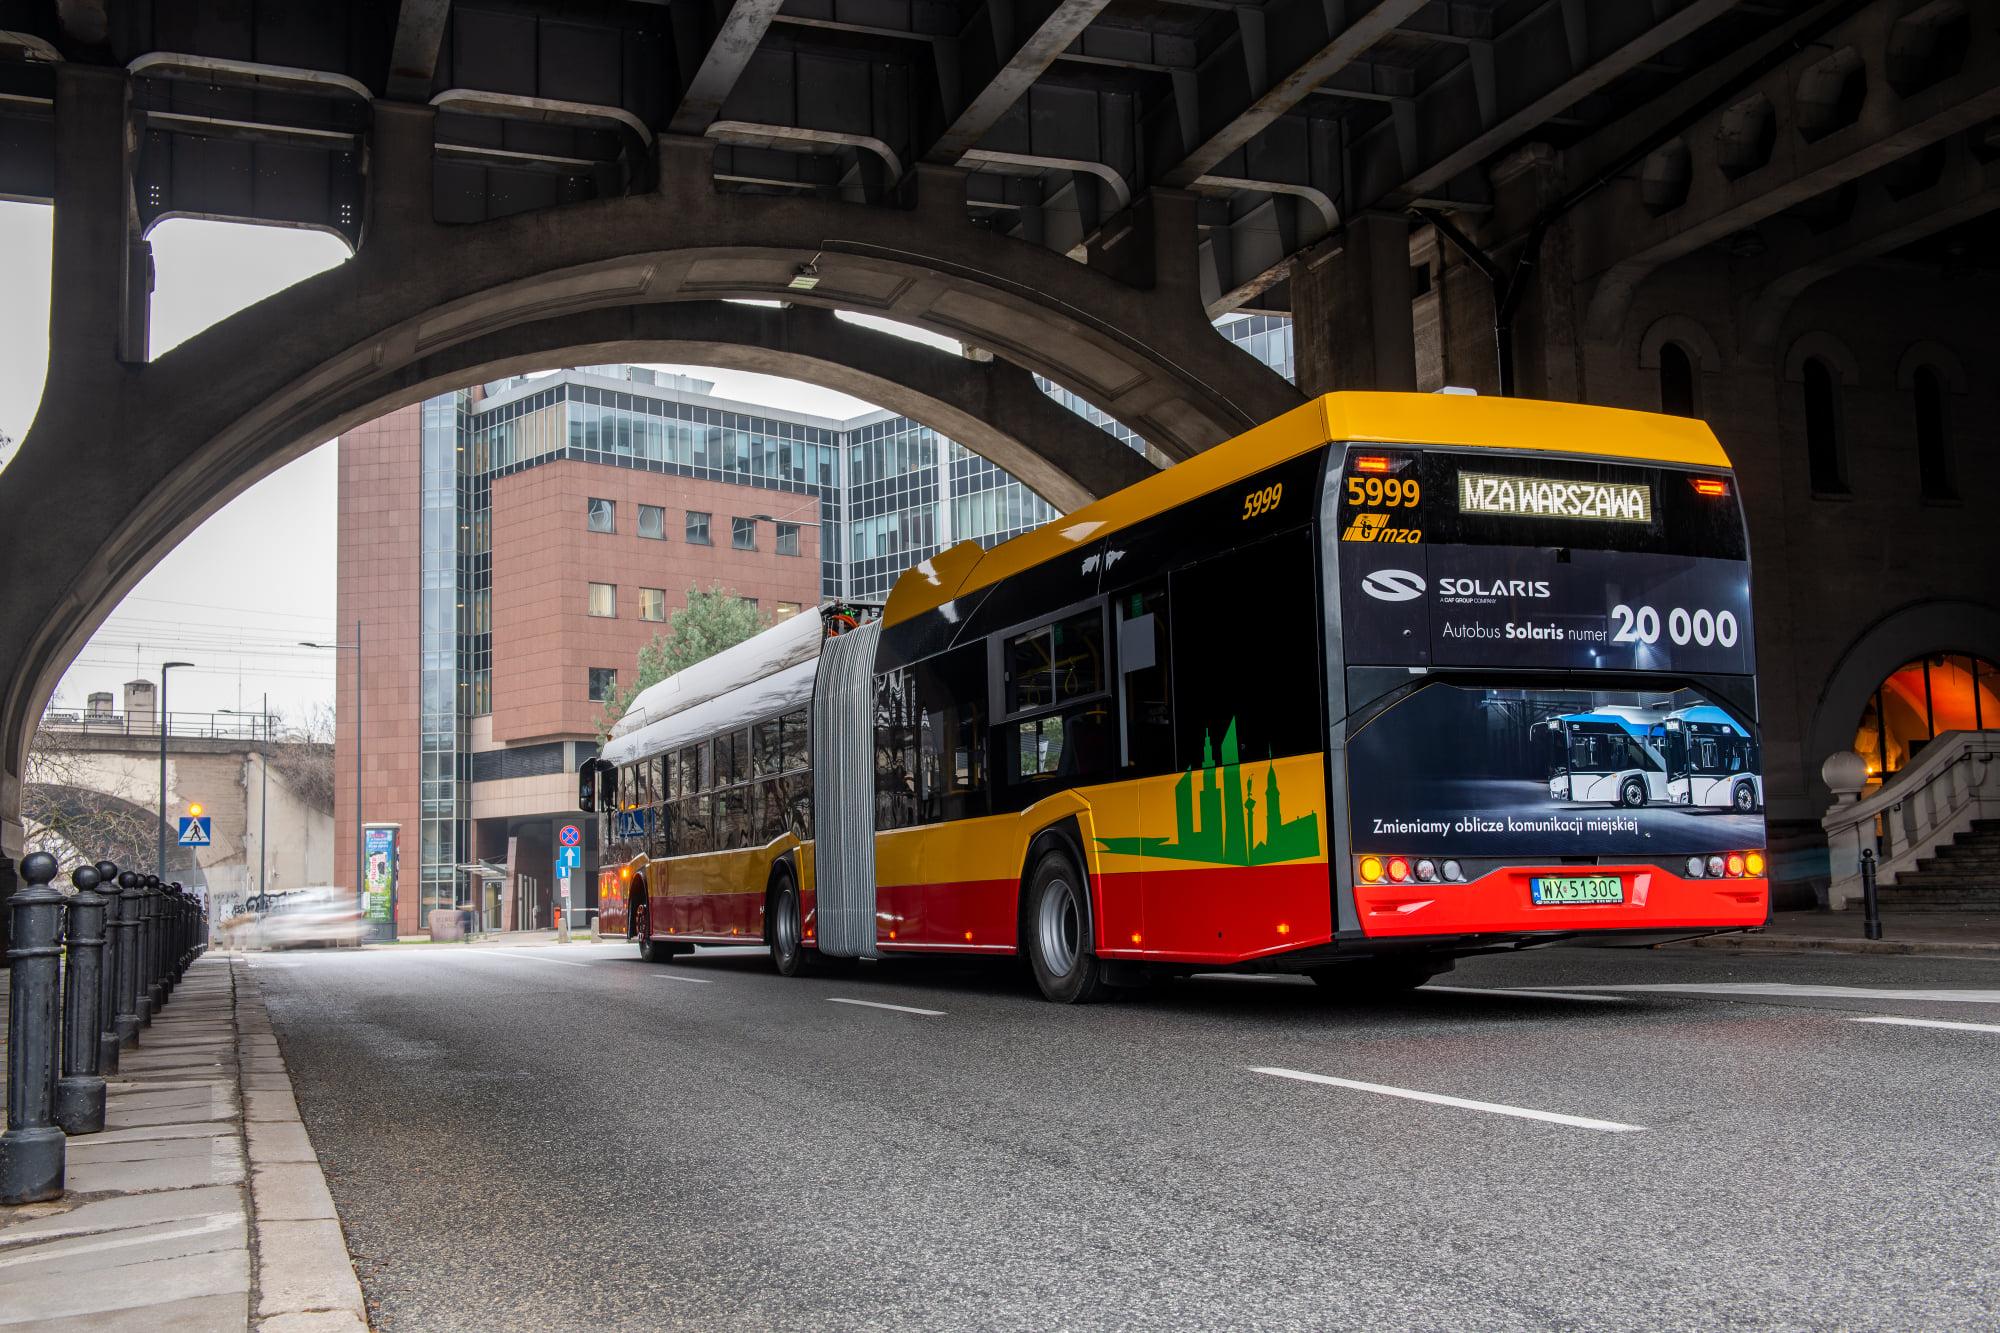 solaris 20,000th bus